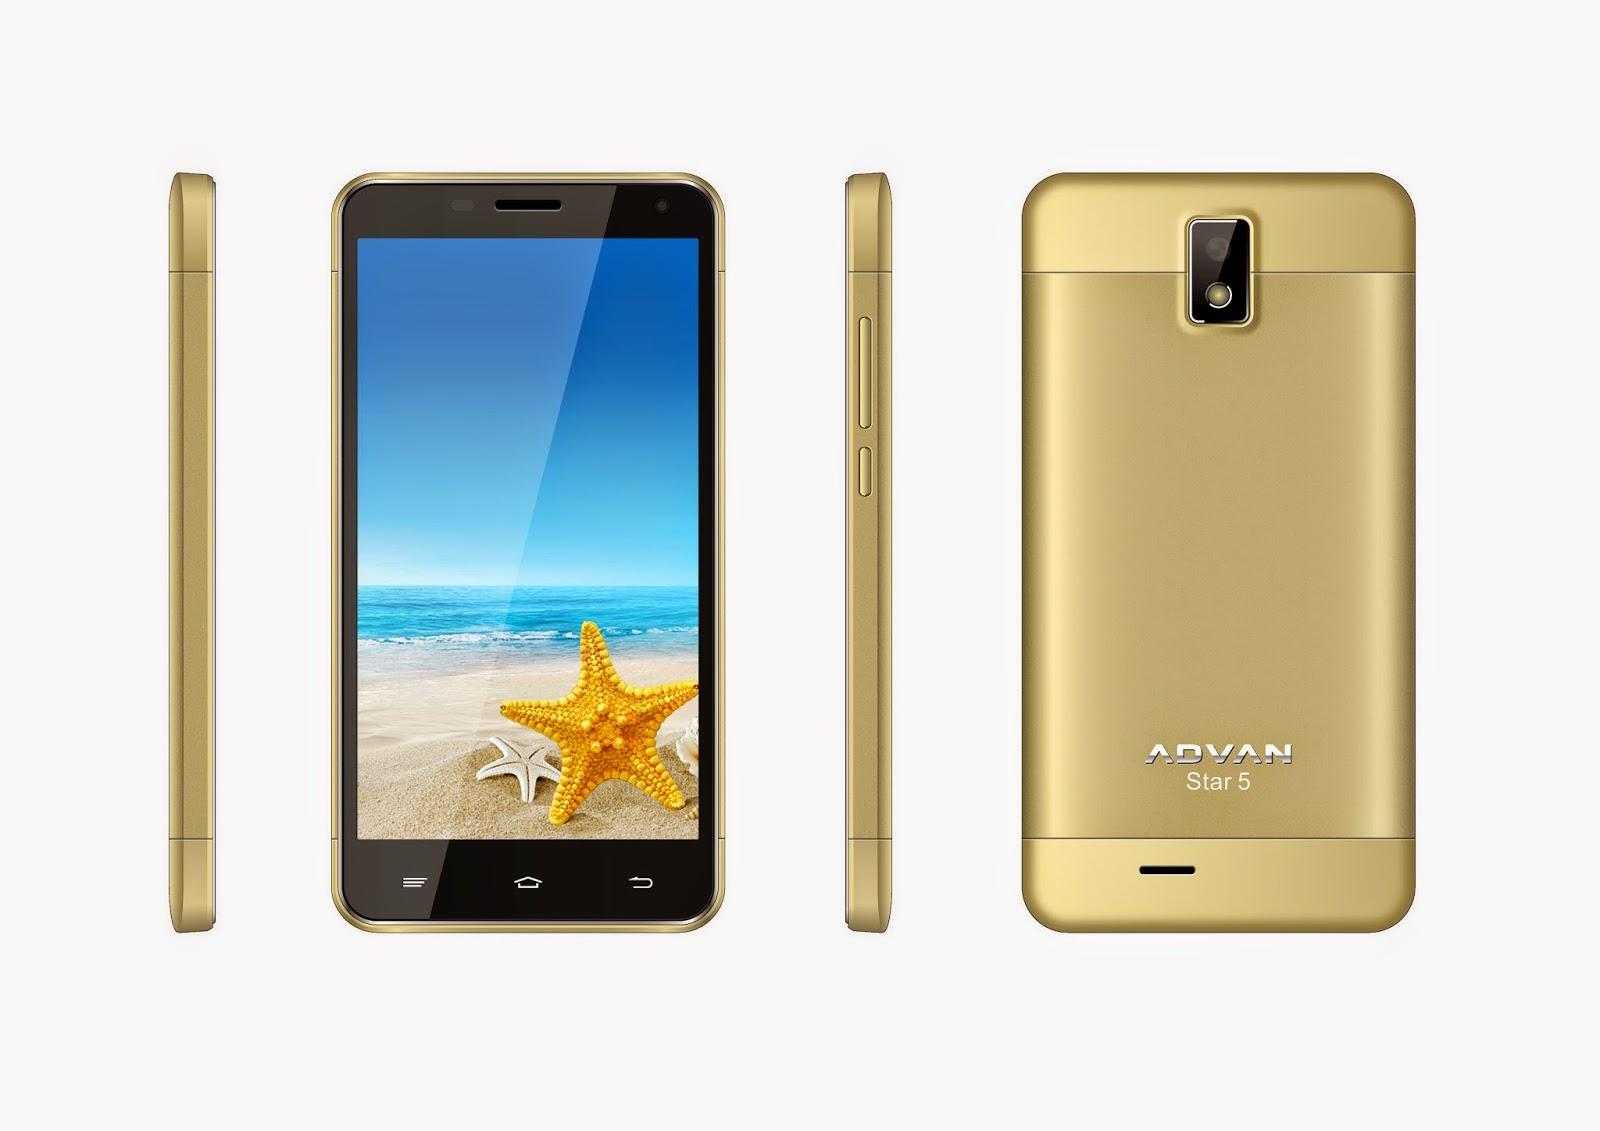 Daftar Hp Advan Terbaru, Harga dan Spesifikasi Smartphone Kamera Terbaru